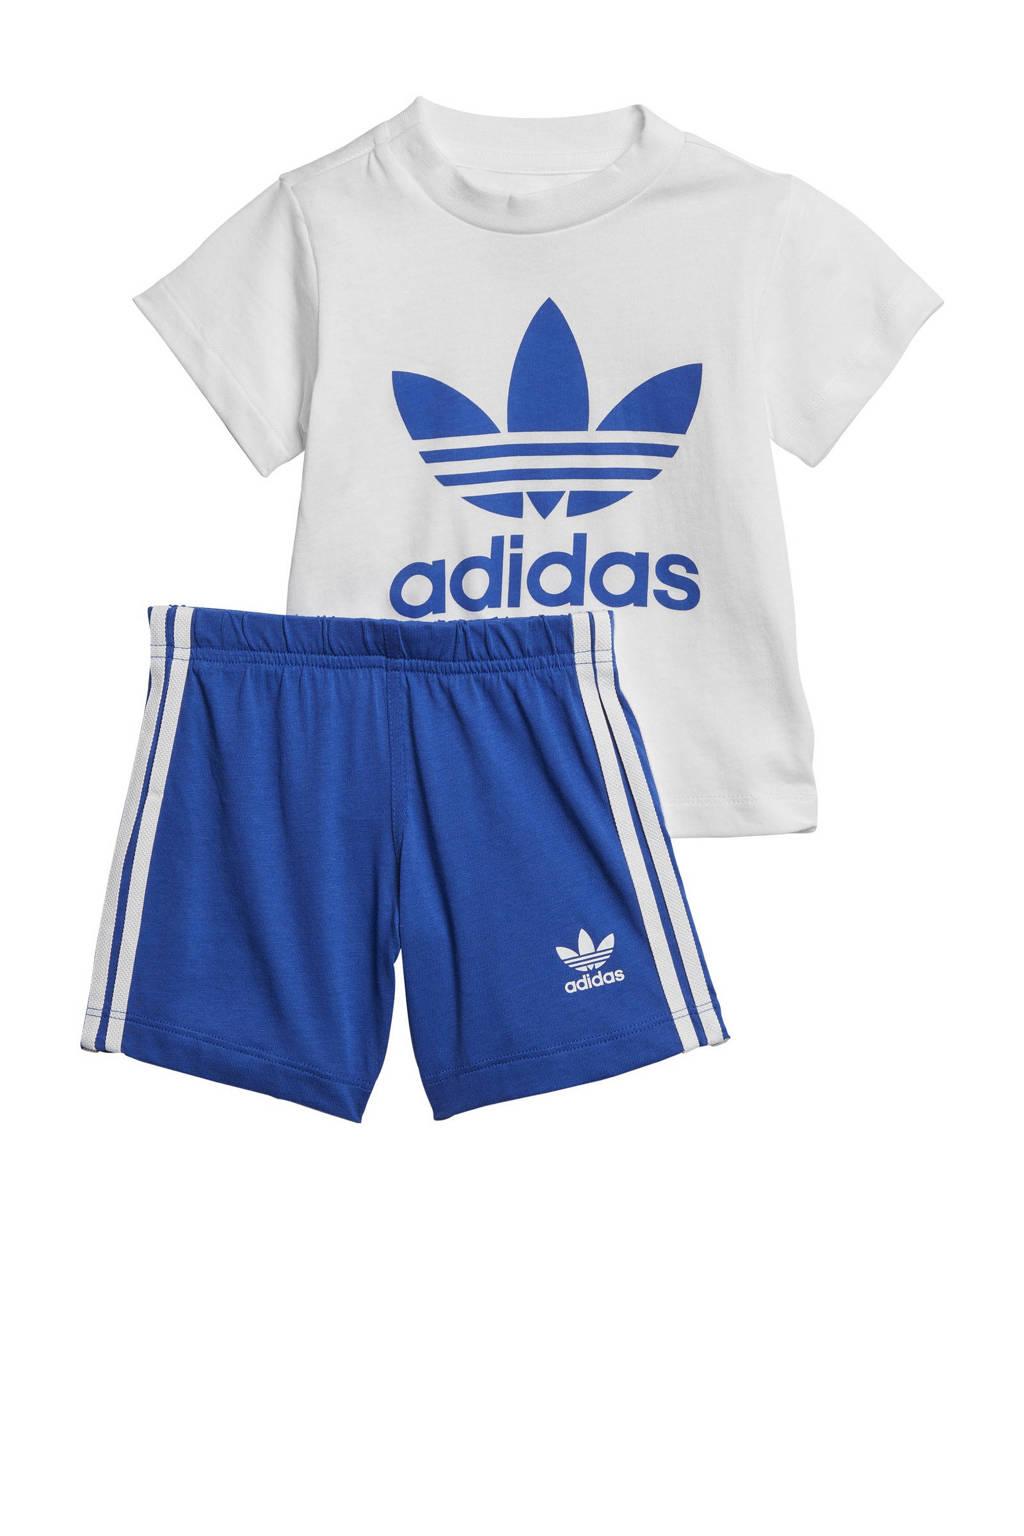 adidas Originals Adicolor T-shirt + short wit/blauw, Wit/blauw